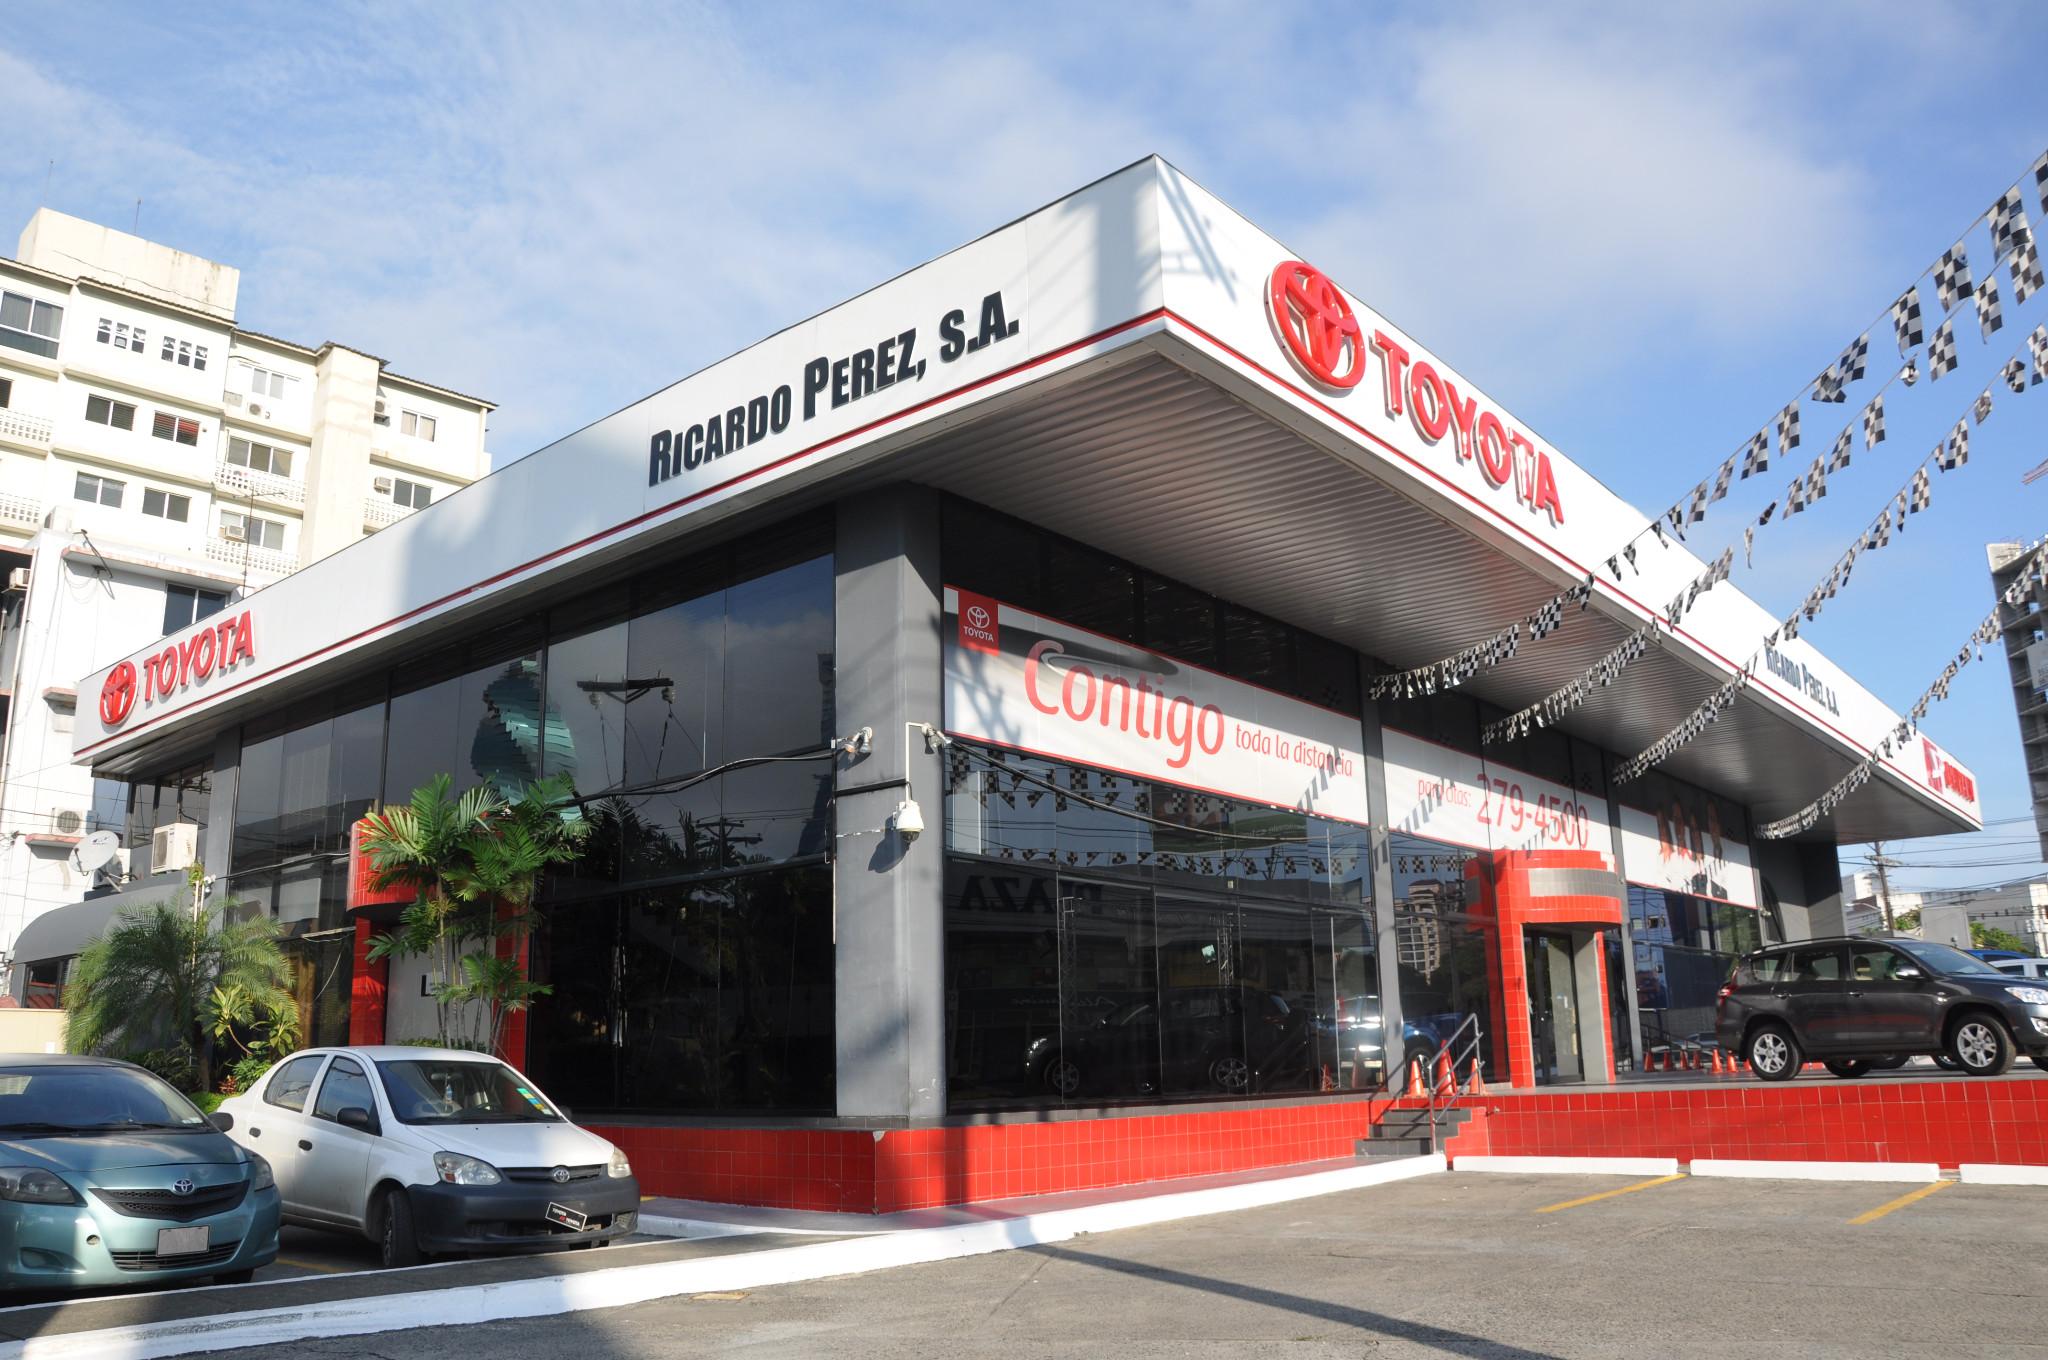 Ricardo Pérez S.A confirma reducciones en su personal por reorganización